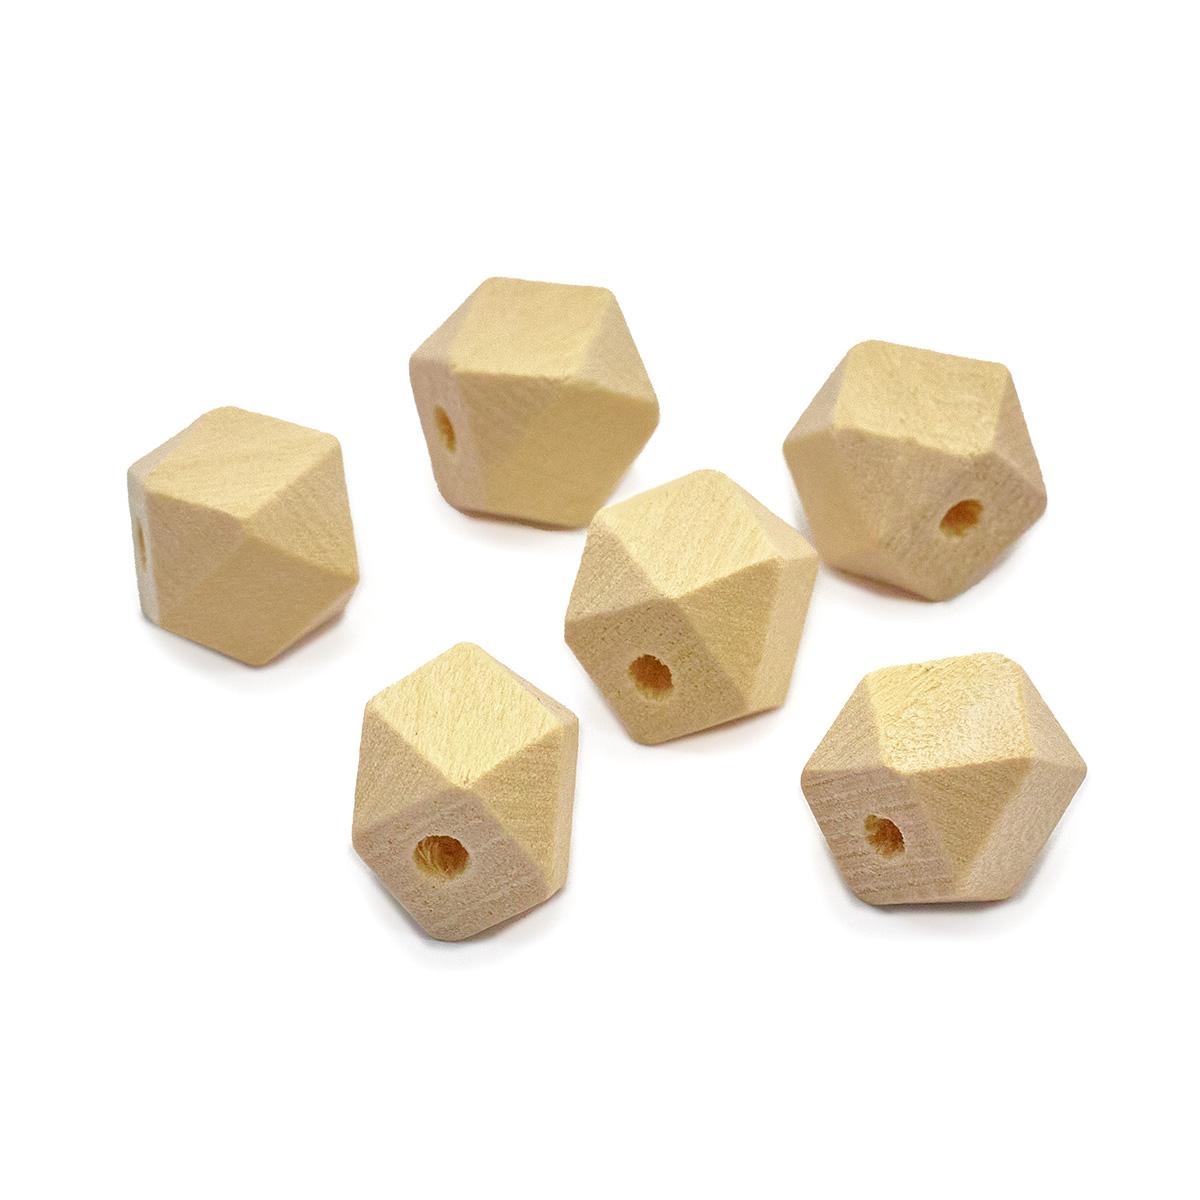 Бусины деревянные неокрашенные многогранник 10*10 мм, 6шт